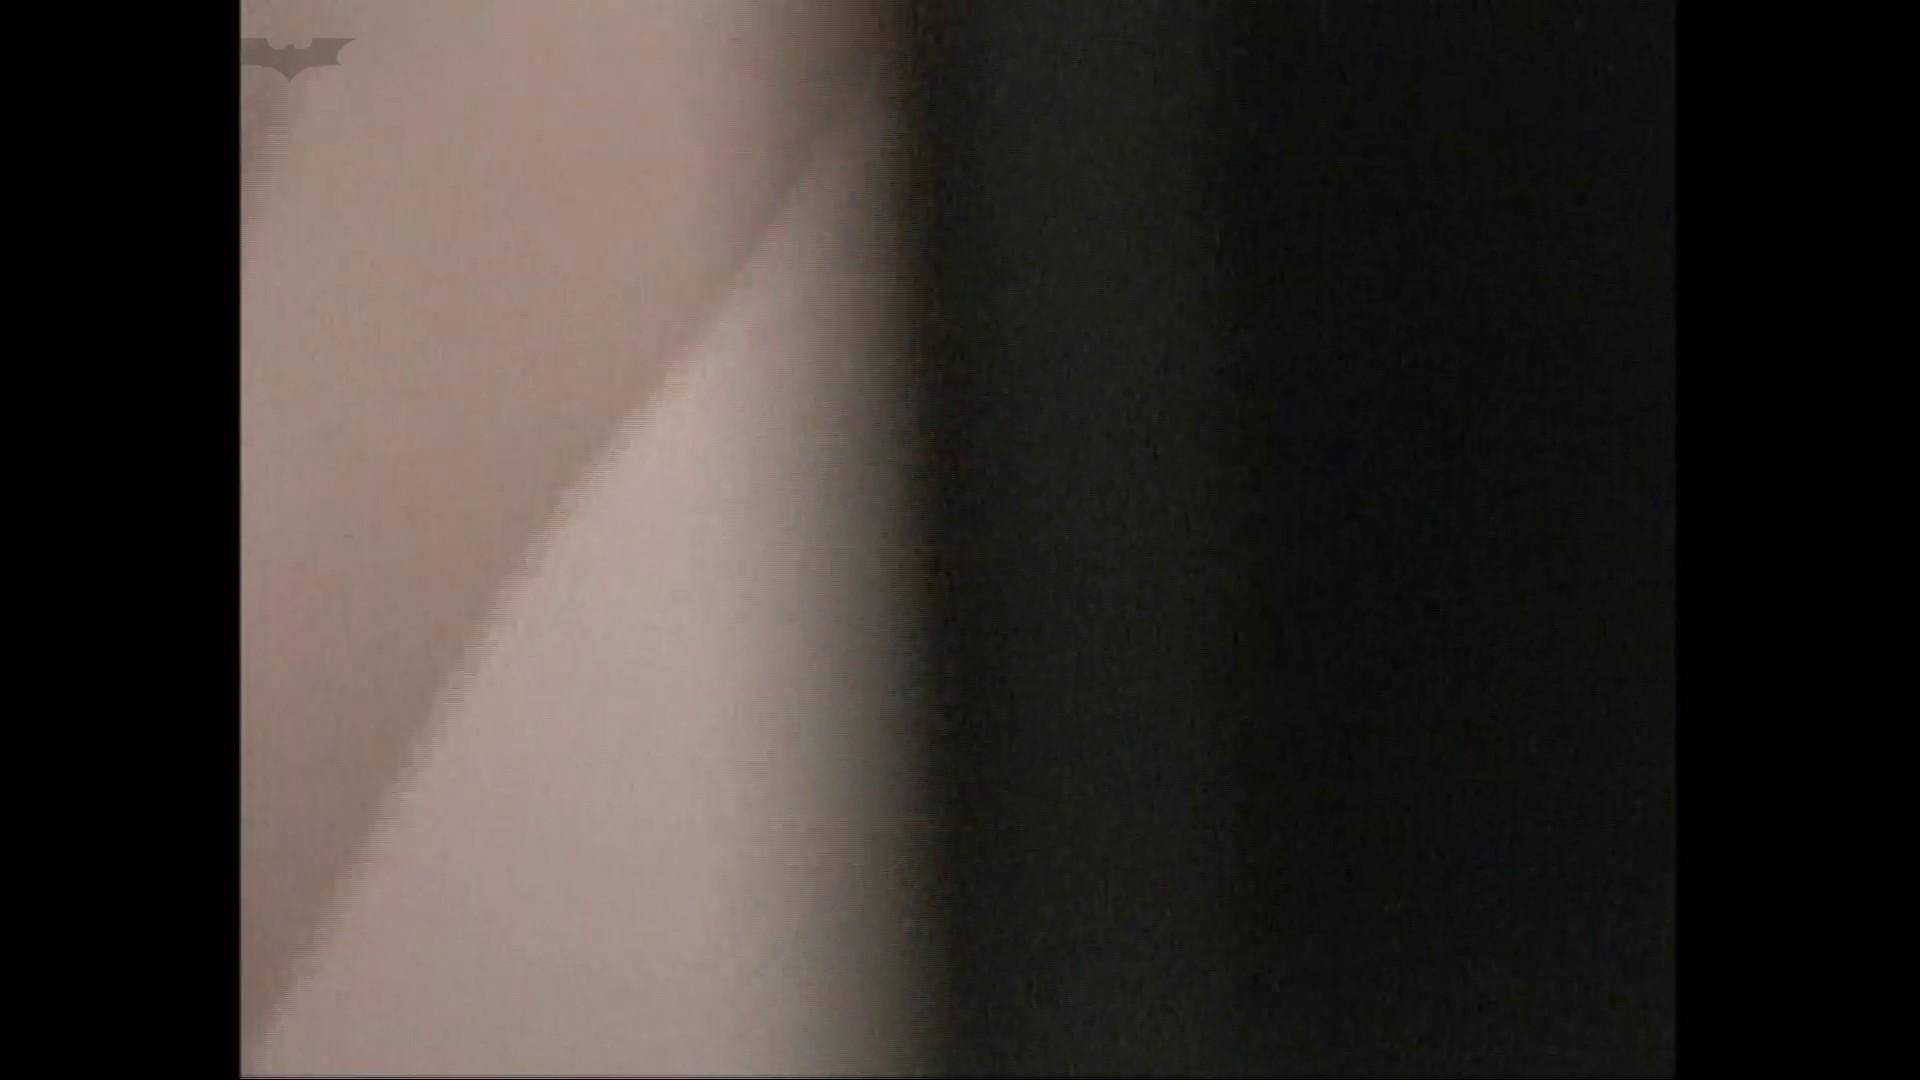 隙間からノゾク風呂 Vol.29 股をグイッとひらいて・・・。 入浴中の女性  69PIX 64